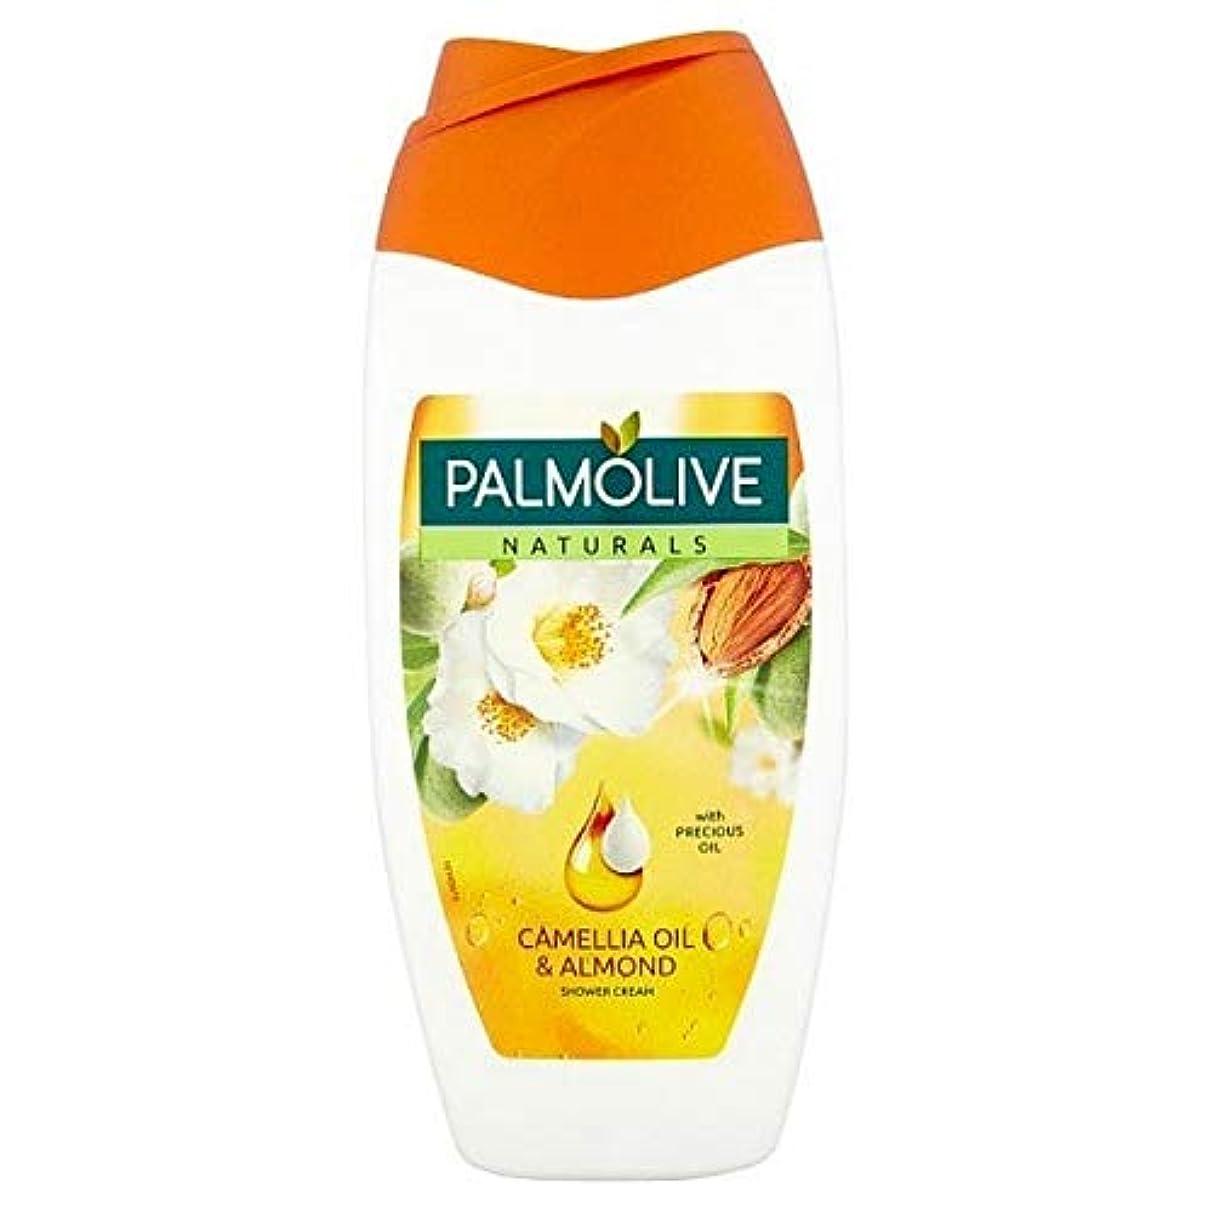 デモンストレーション篭酸化する[Palmolive ] パルモナチュラル椿油&アーモンドシャワージェル250ミリリットル - Palmolive Naturals Camellia Oil & Almond Shower Gel 250ml [並行輸入品]